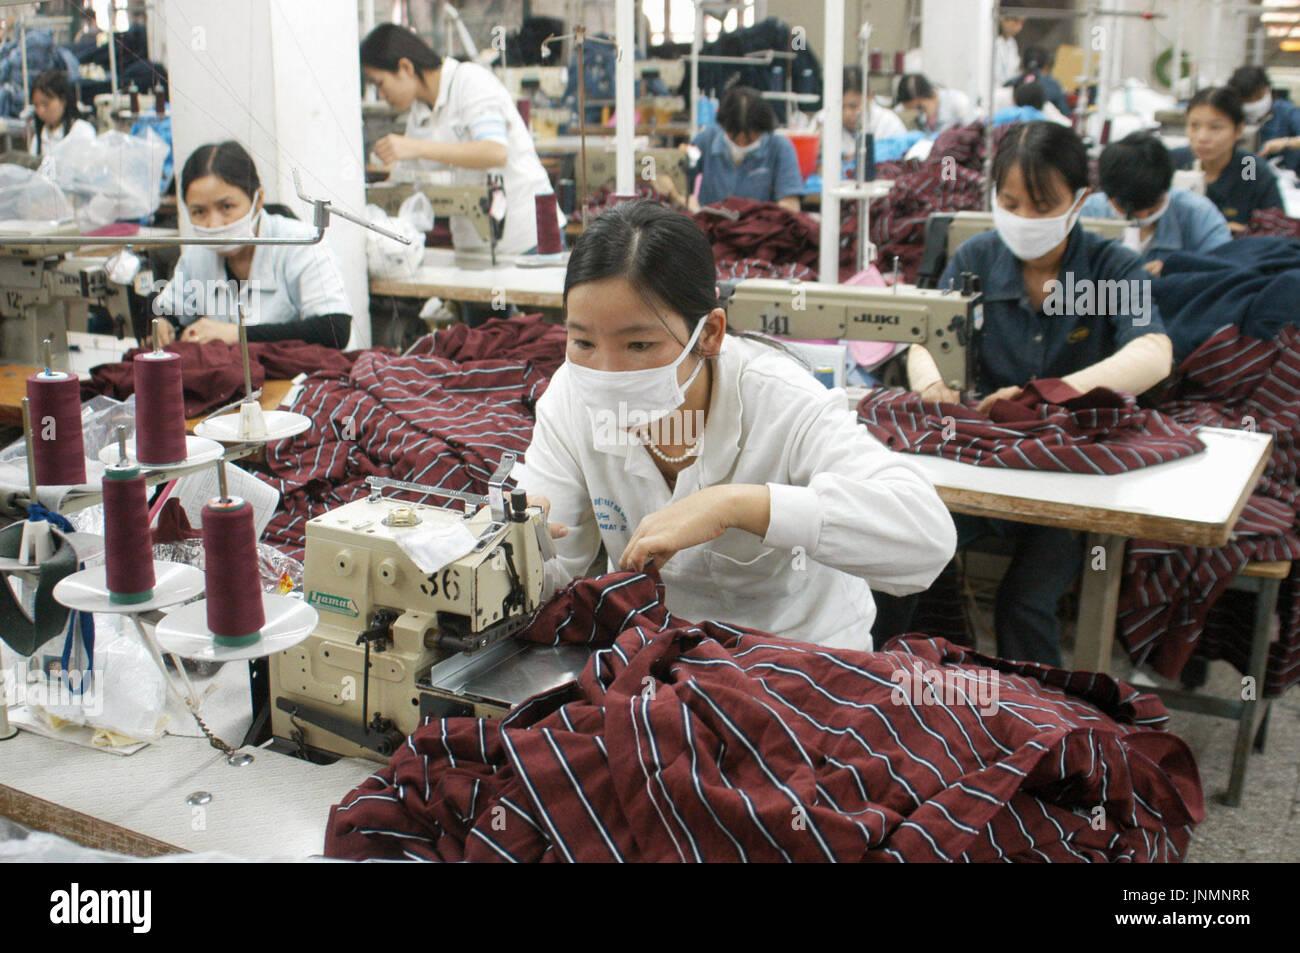 HANOI, Vietnam - Garment workers in Hanoi, the backbone of Vietnam's